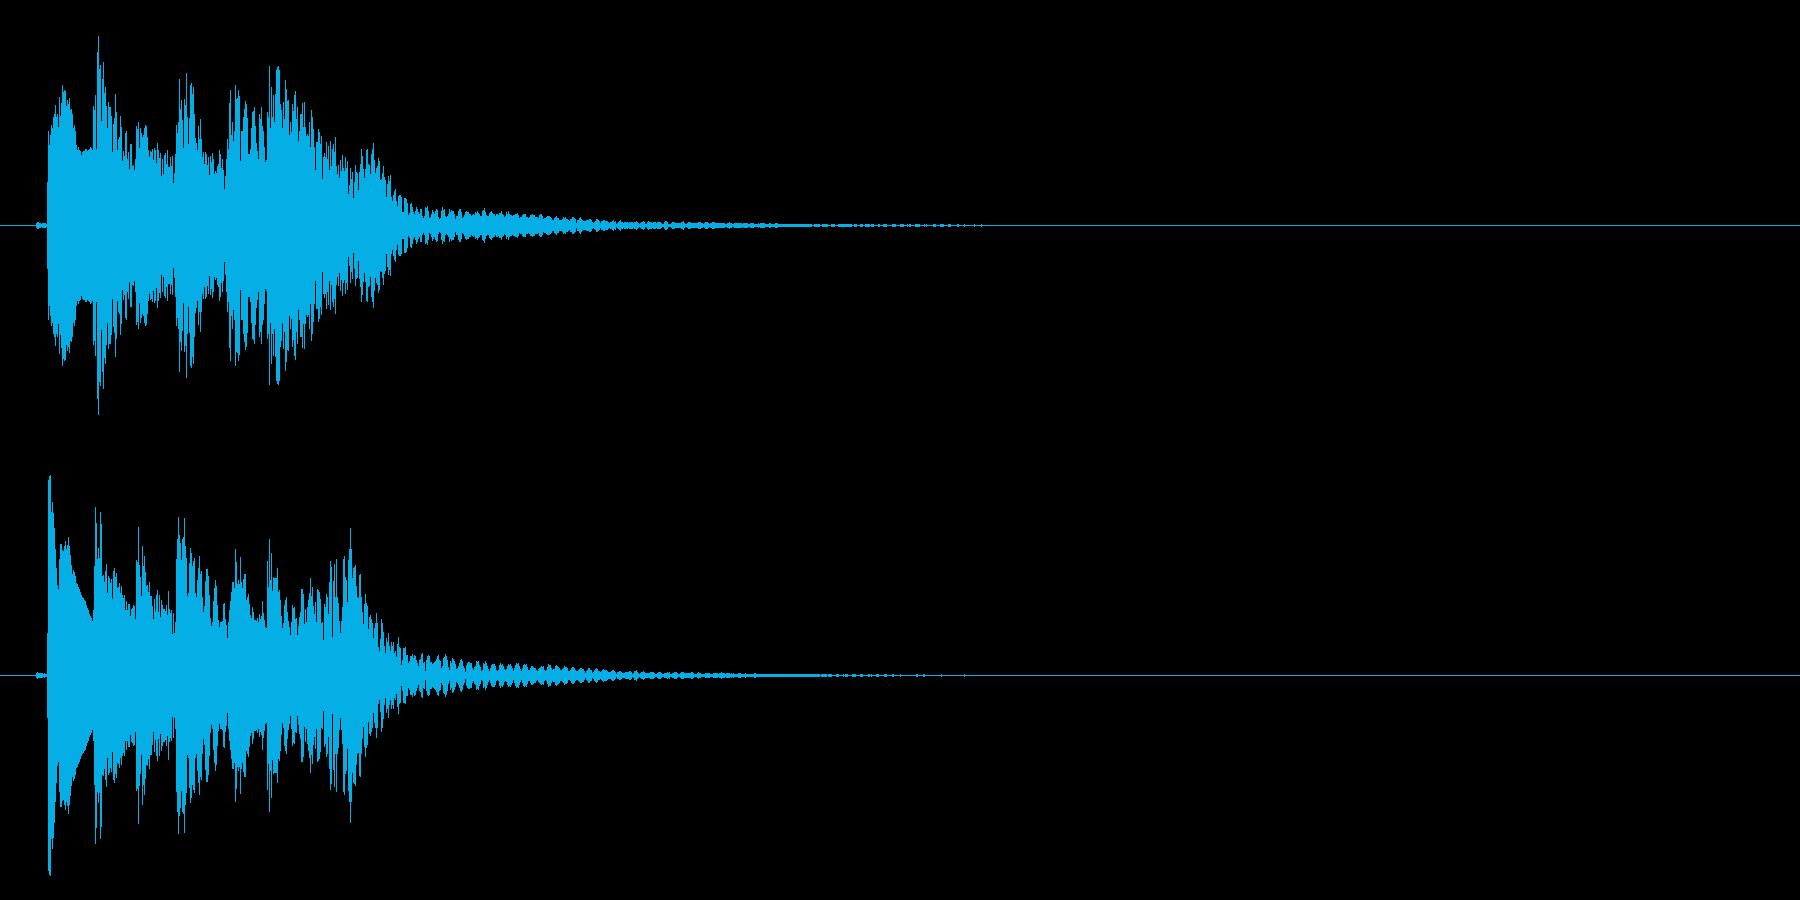 琴のフレーズ2☆調律2の再生済みの波形